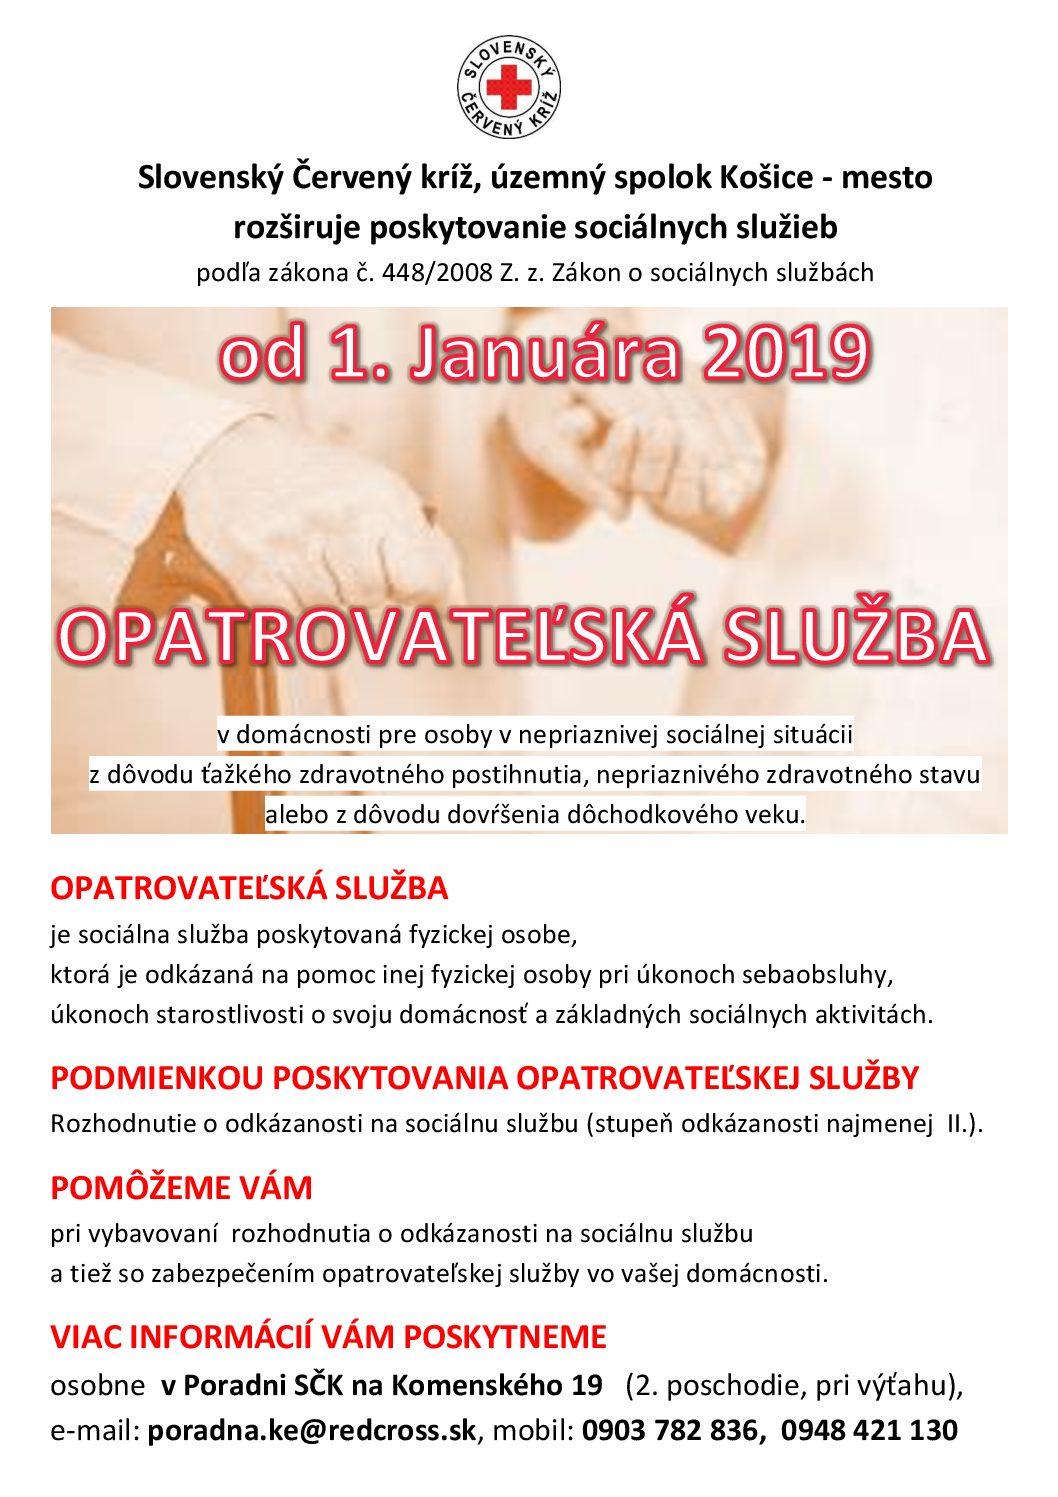 Od 1.januára 2019 rozbieha Červený kríž ďalšiu sociálnu službu: OPATROVATEĽSKÁ SLUŽBA. Poskytovať ju budú pracovníci aj vobciach do 20 km od mesta Košice. Červený kríž záujemcom oopatrovateľskú službu pomôže pri vybavovaní potrebných žiadostí atiež priamo zabezpečí opatrovateľskú službu vdomácnosti klienta. Vprípade, že budete potrebovať bližšie informácie alebo budete poznať niekoho, kto je na túto službu […]